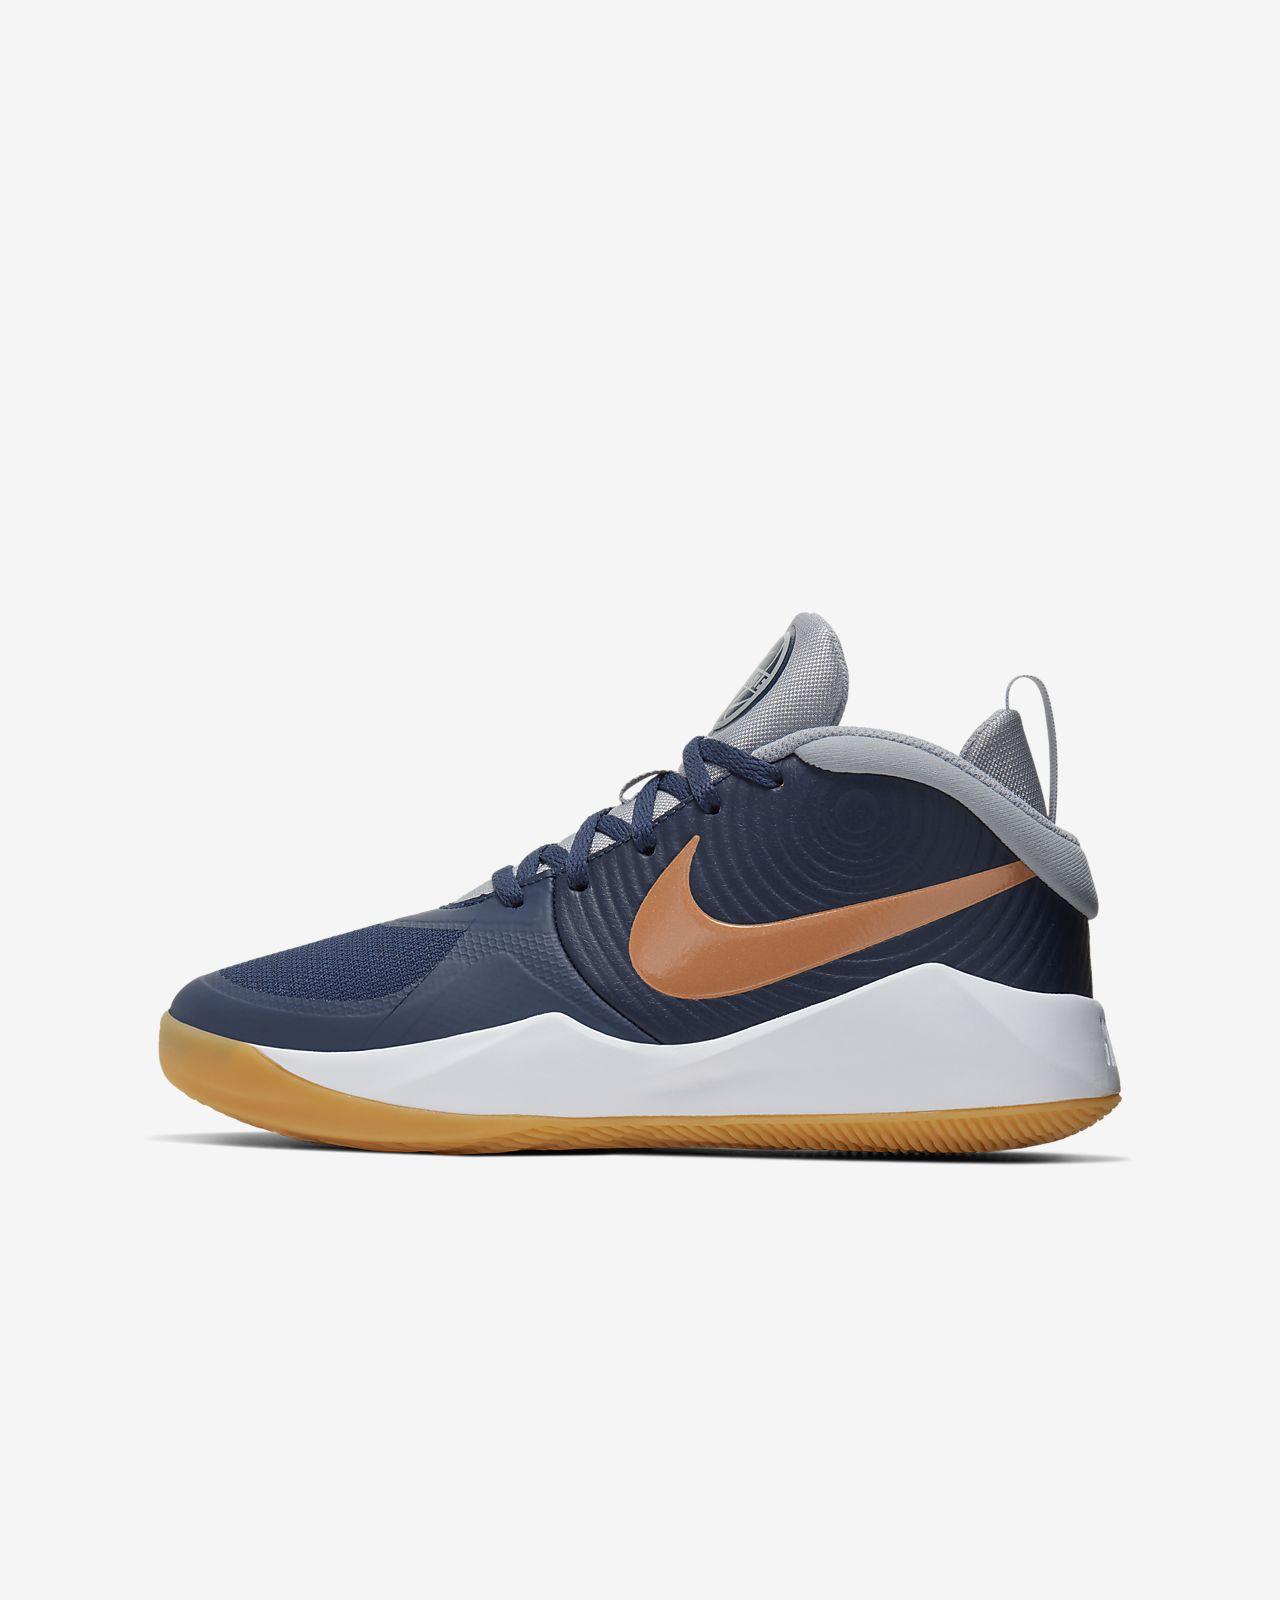 Παπούτσι μπάσκετ Nike Team Hustle D 9 για μεγάλα παιδιά